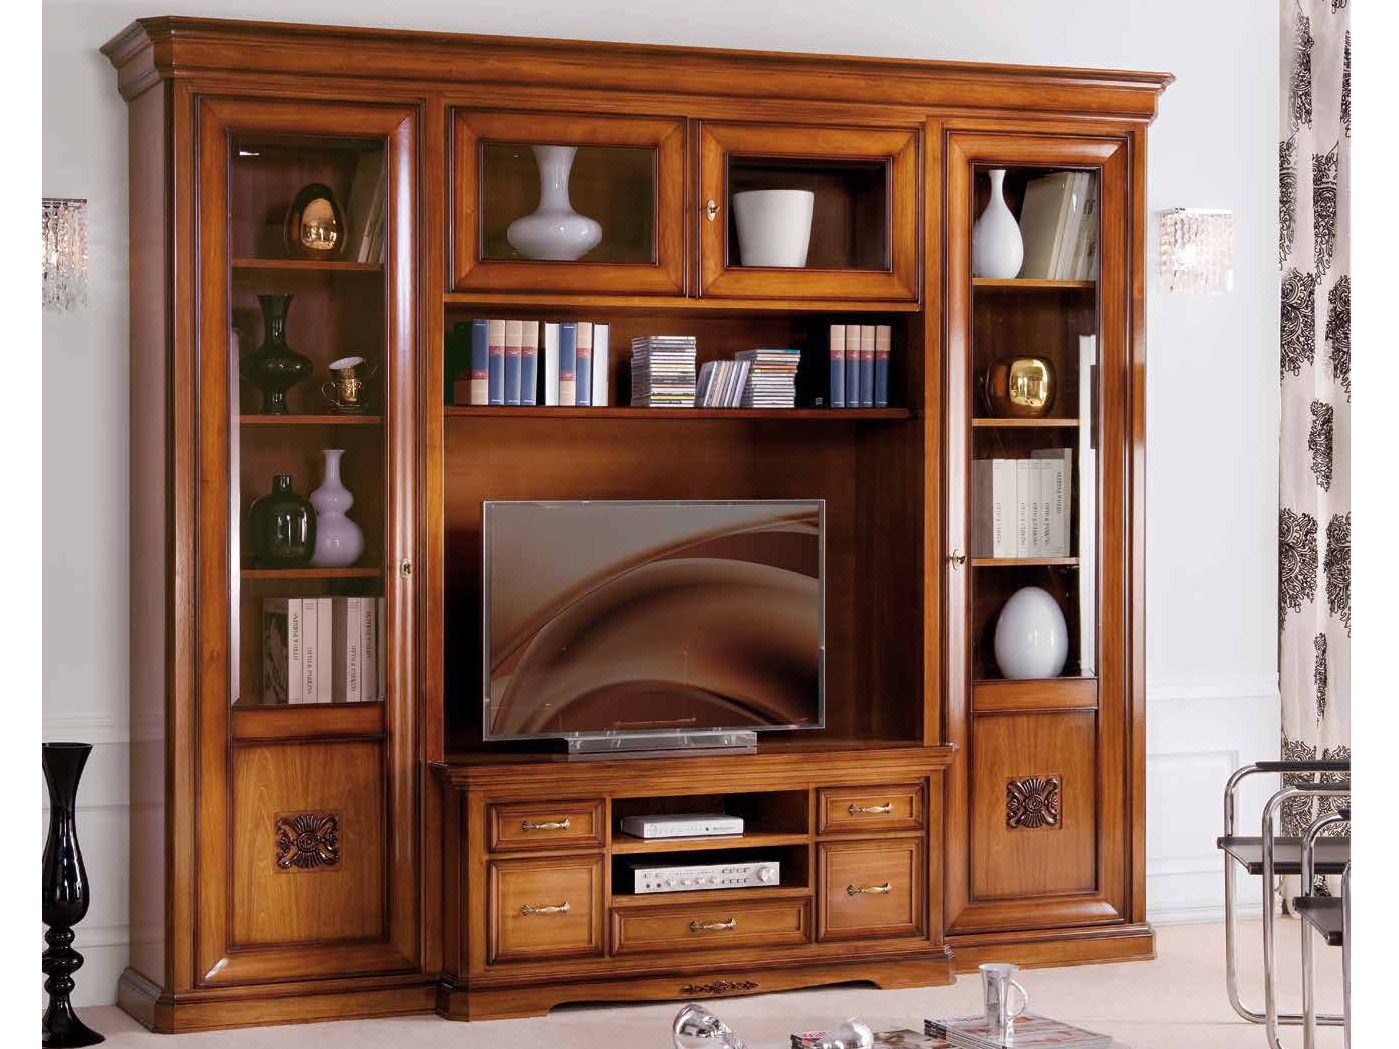 Imagenes De Muebles Para Poner La Tele Y Radio Idea Creativa  # Muebles Elektra